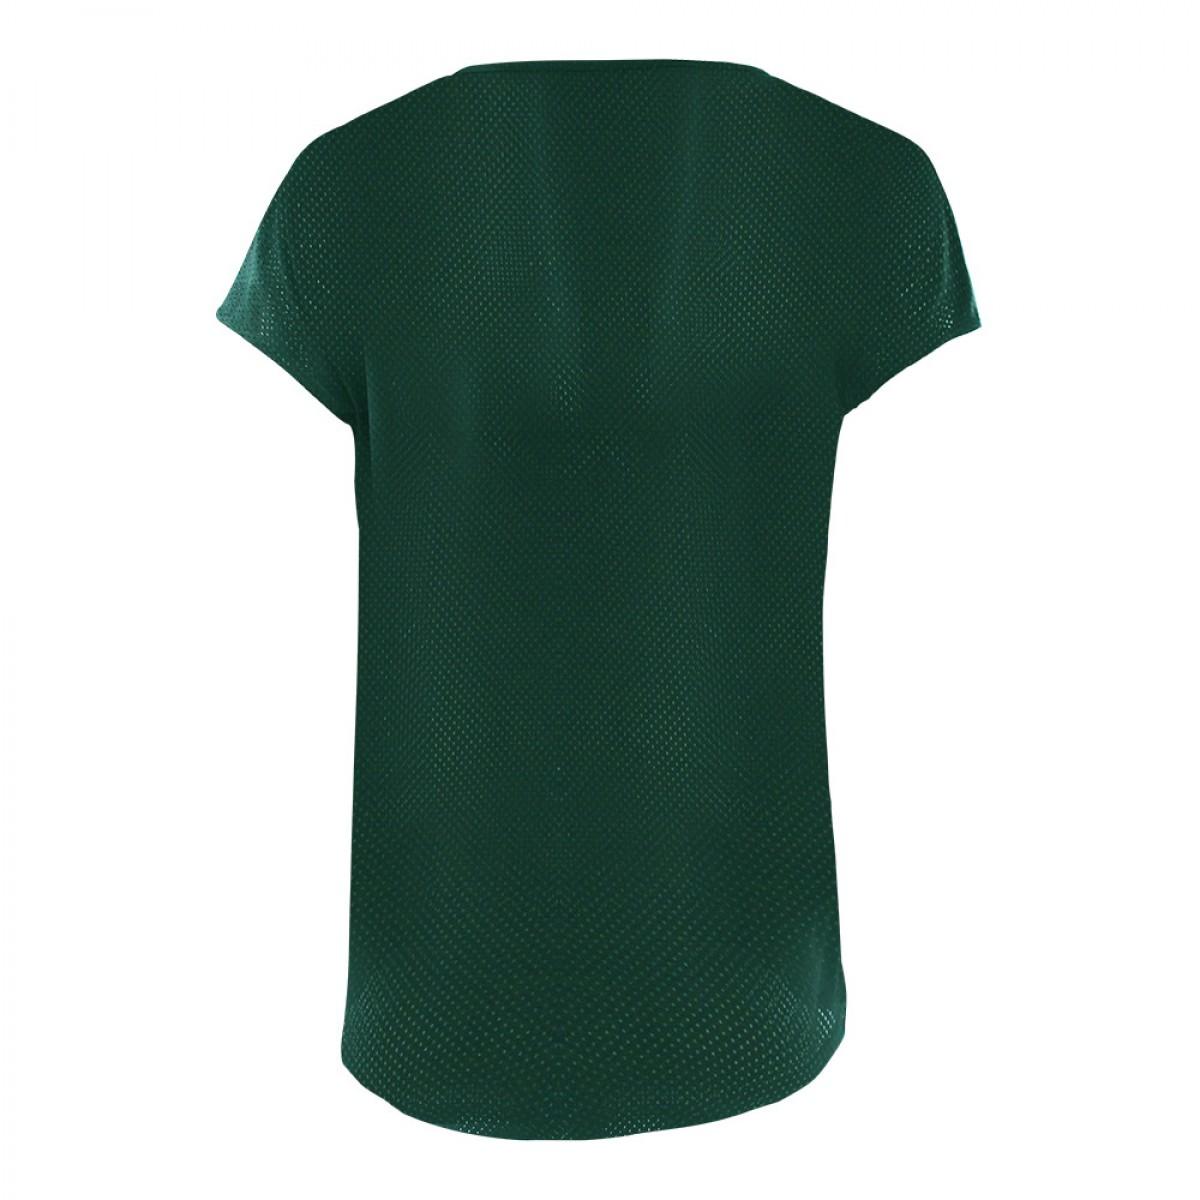 women-knitted-round-neck-t-shirt-kkrs16929-6a